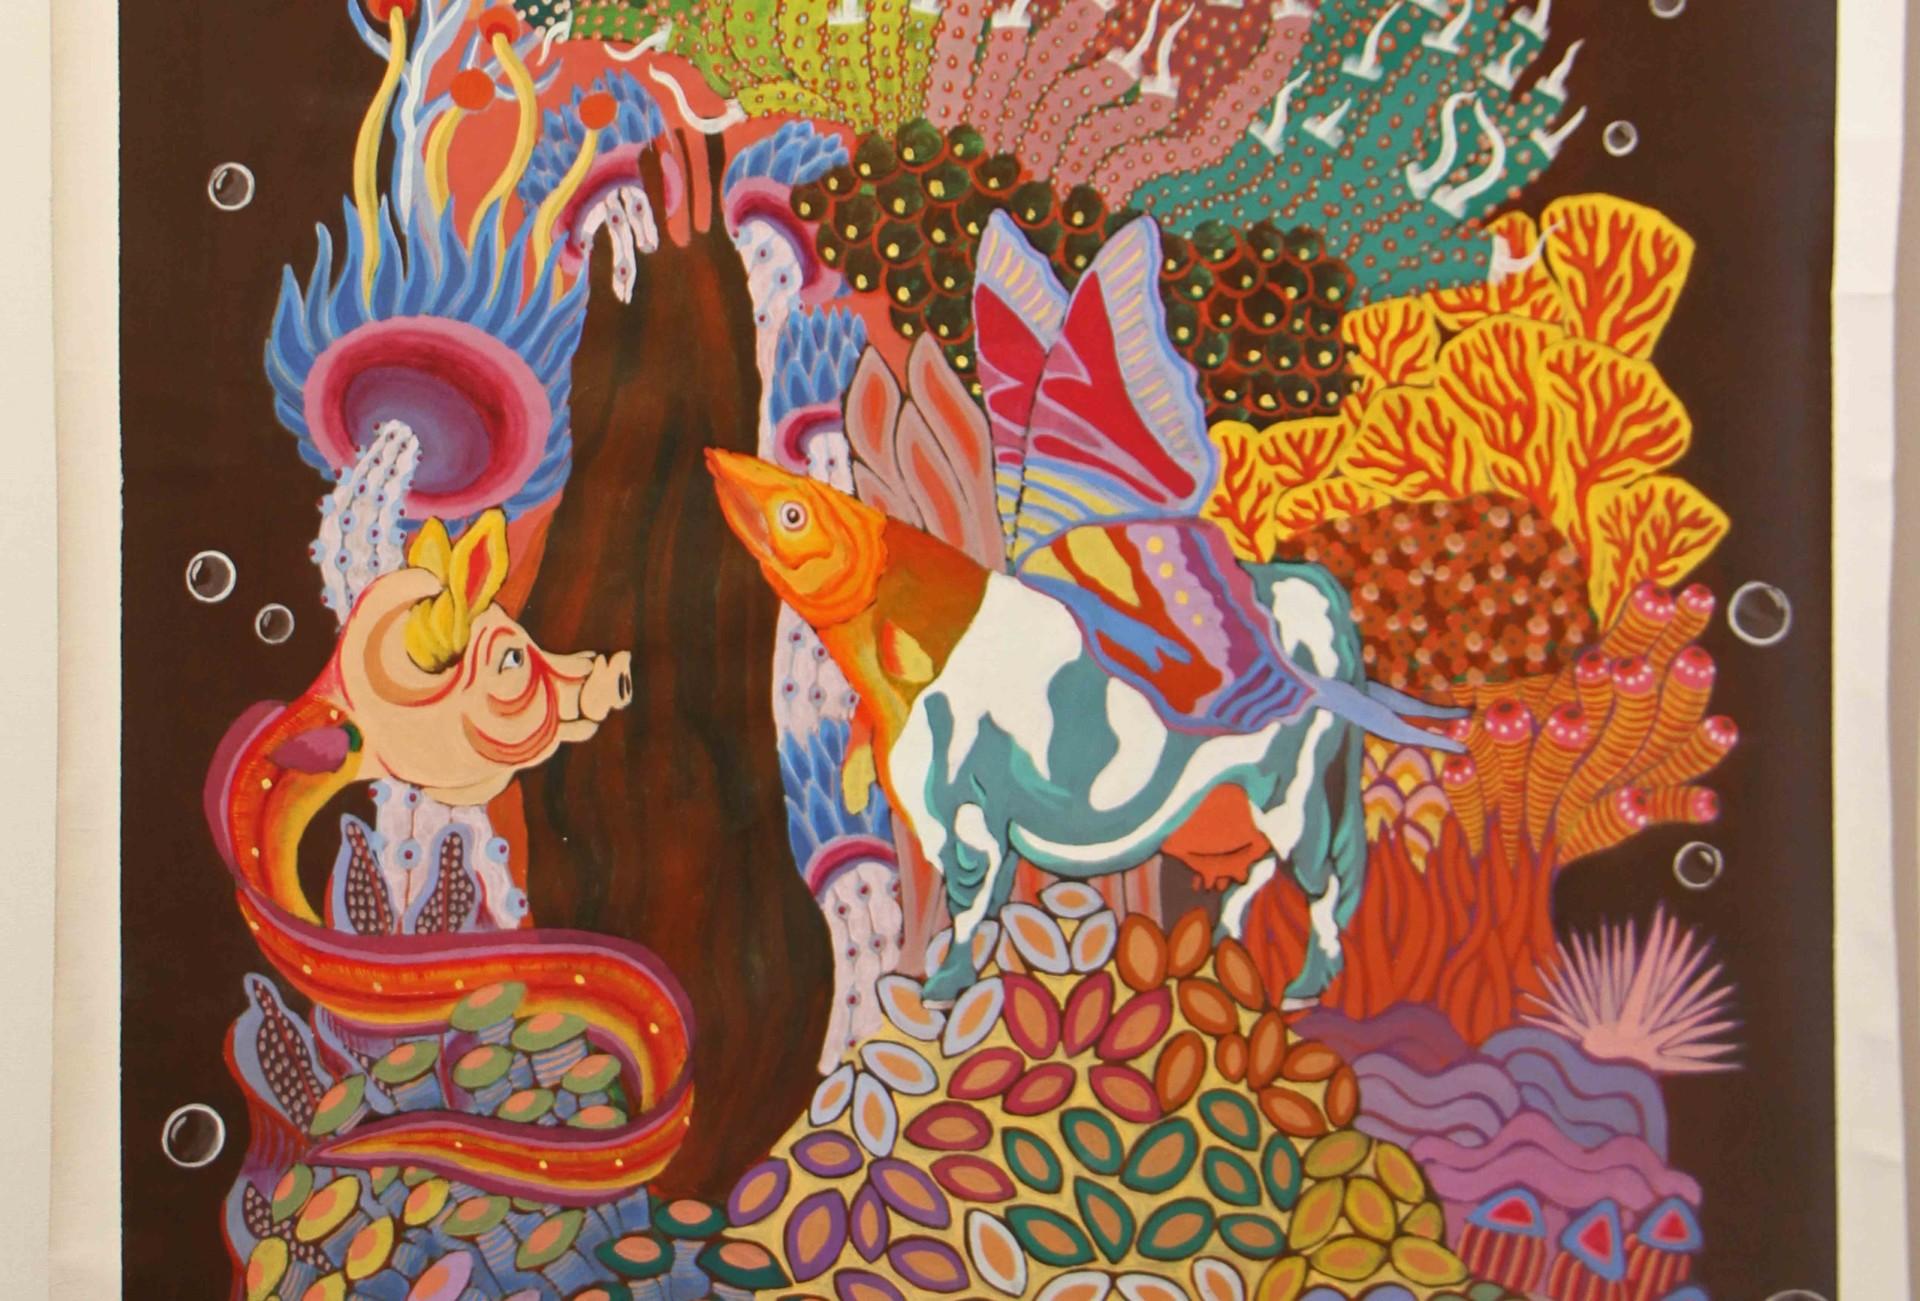 Ausstellung 'Animalgination'